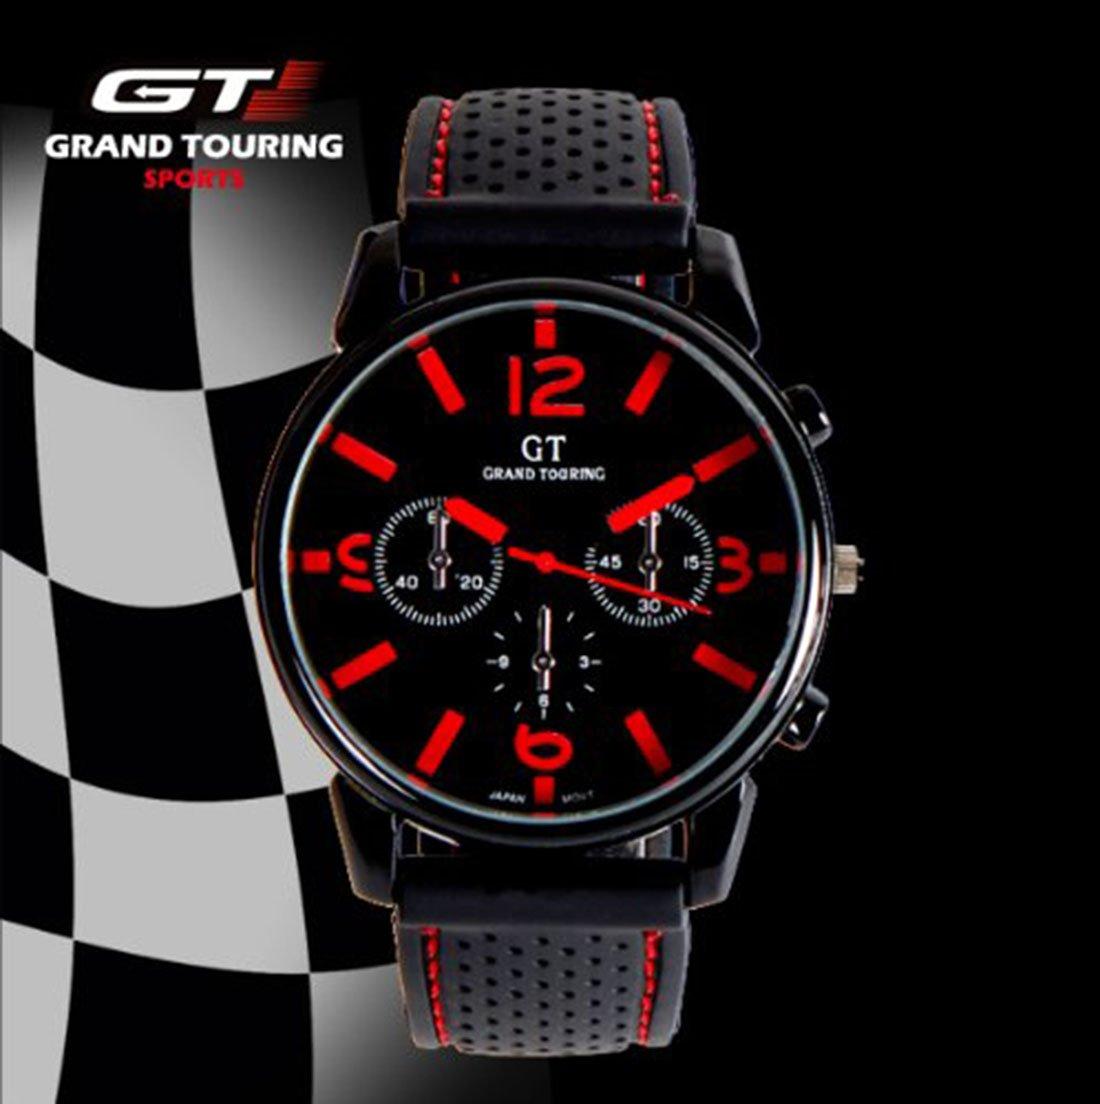 Eglemtek Sport GT Grand Touring F1 Racing - Reloj deportivo, color rojo: Amazon.es: Deportes y aire libre